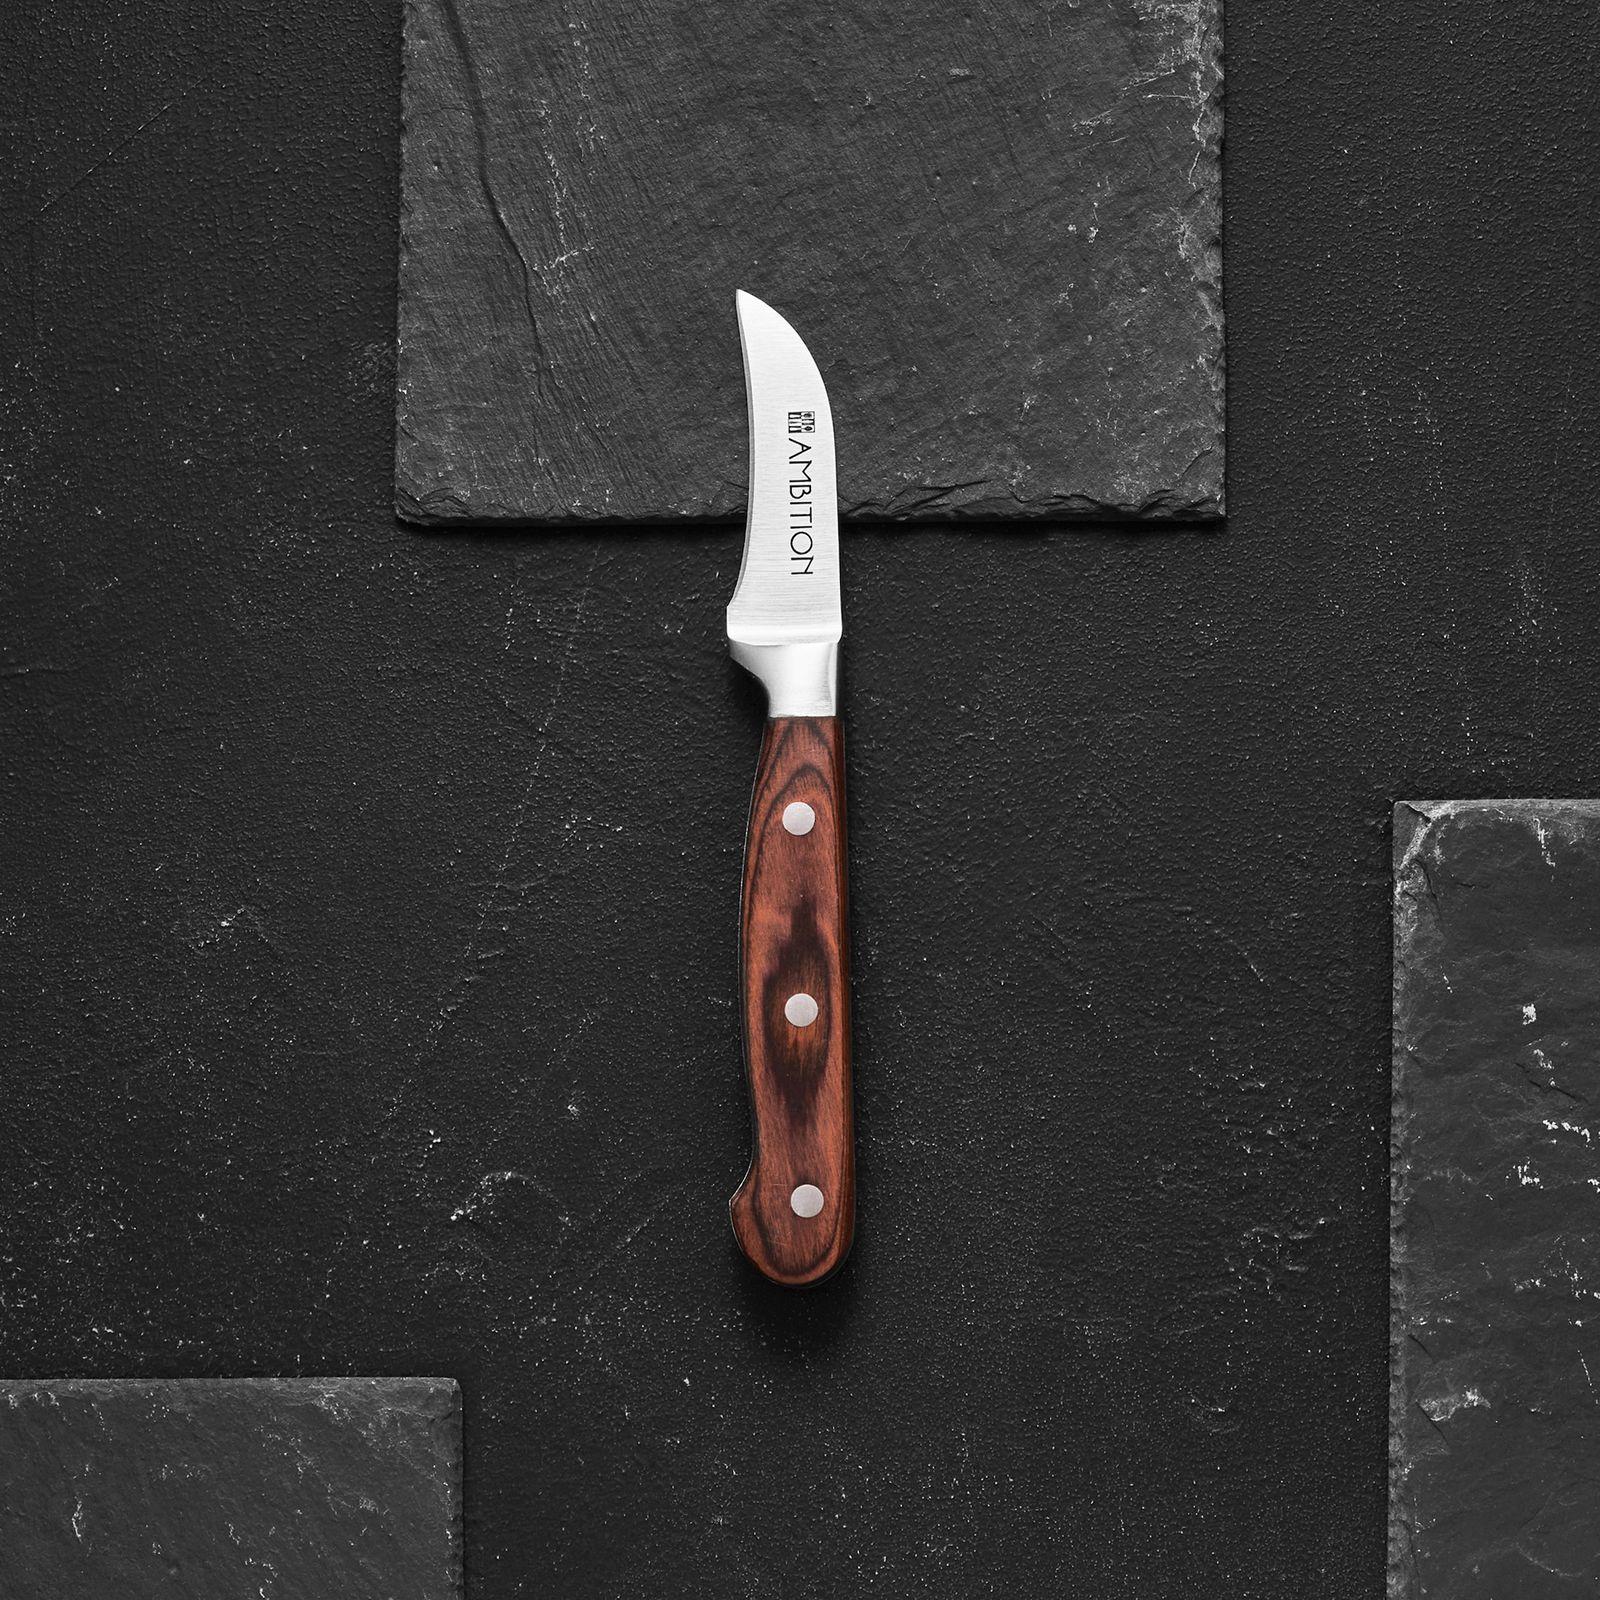 Nóż kuchenny obierak Titanium 5 cm AMBITION